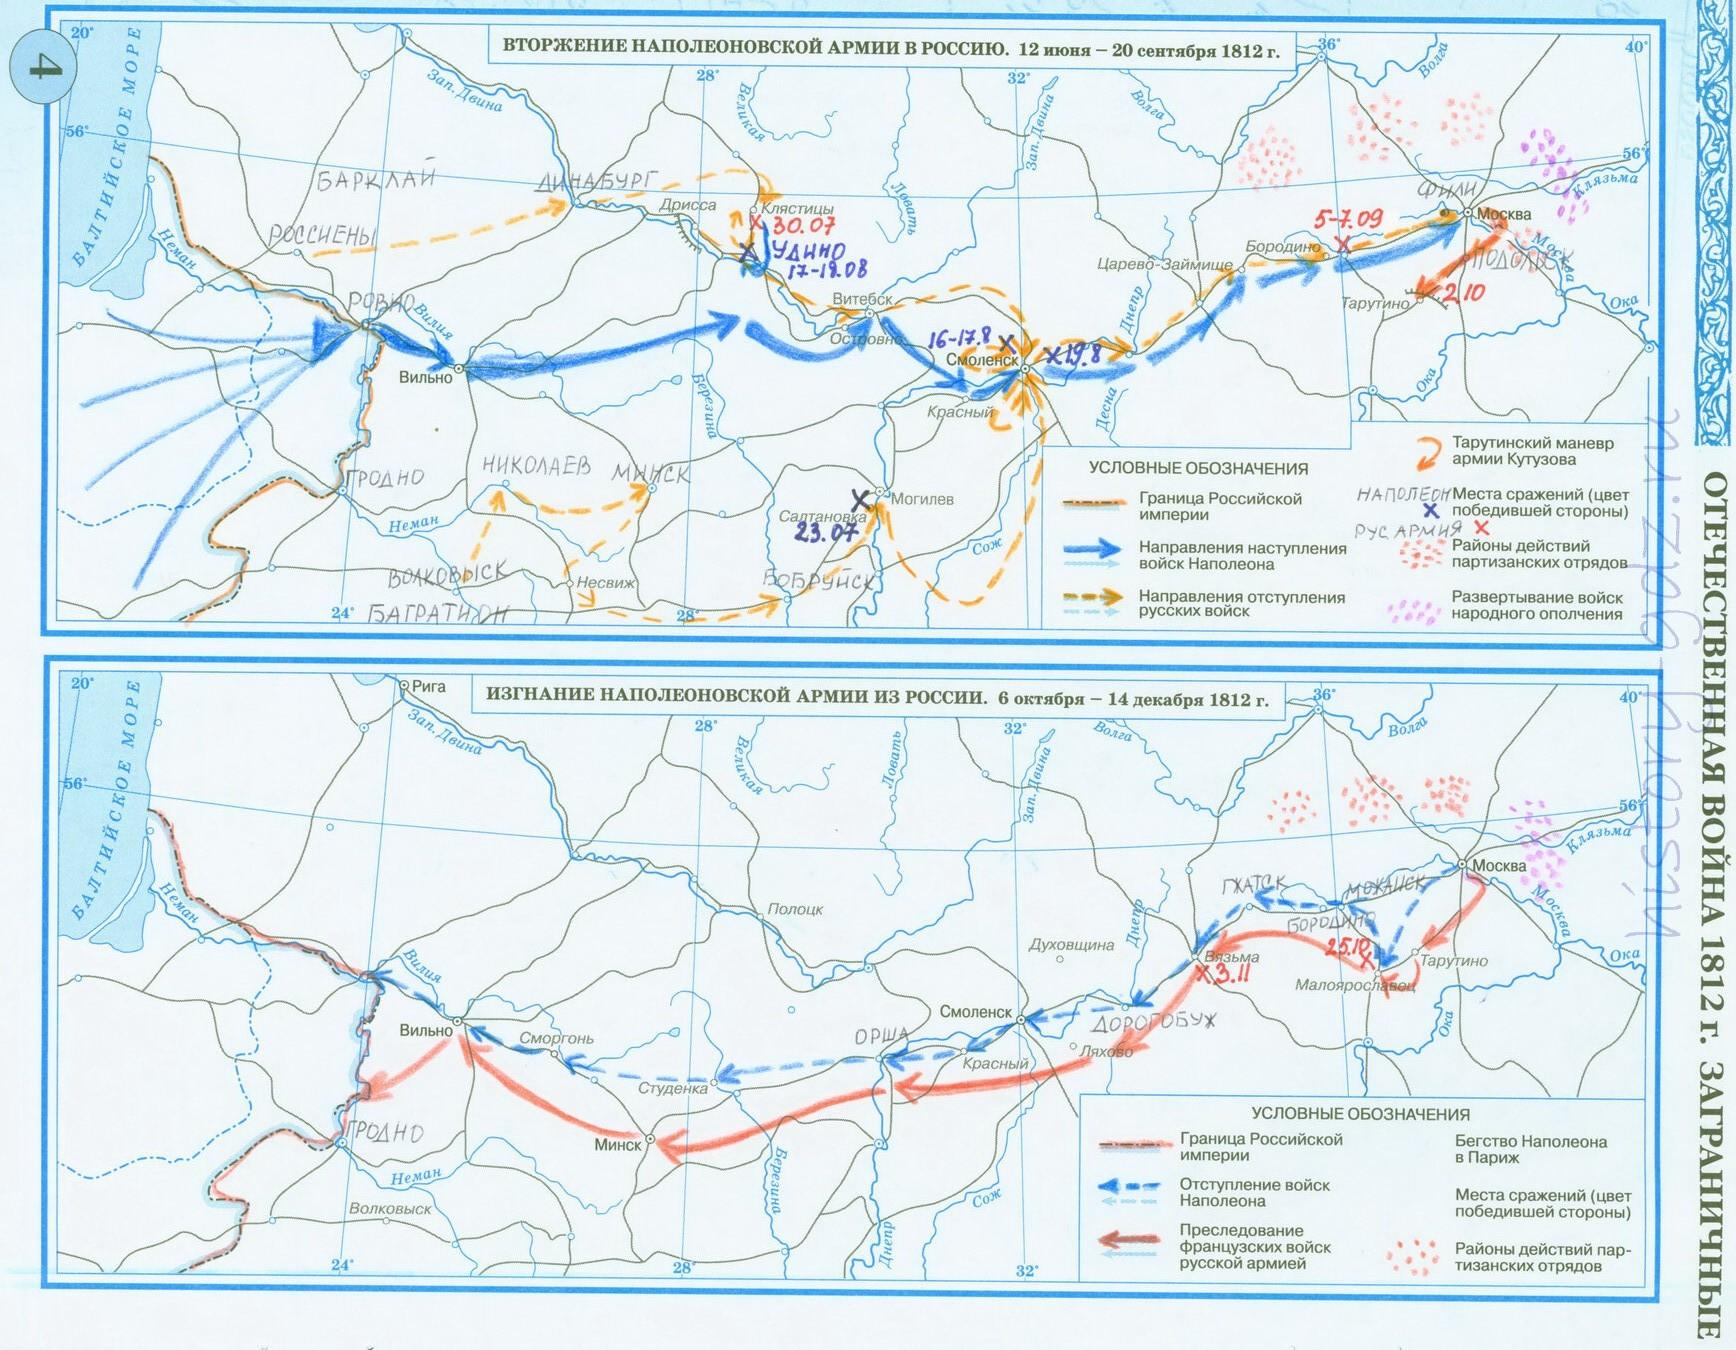 Стр 4 гдз контурная карта 8 класс Дрофа Тарутинский Маневр